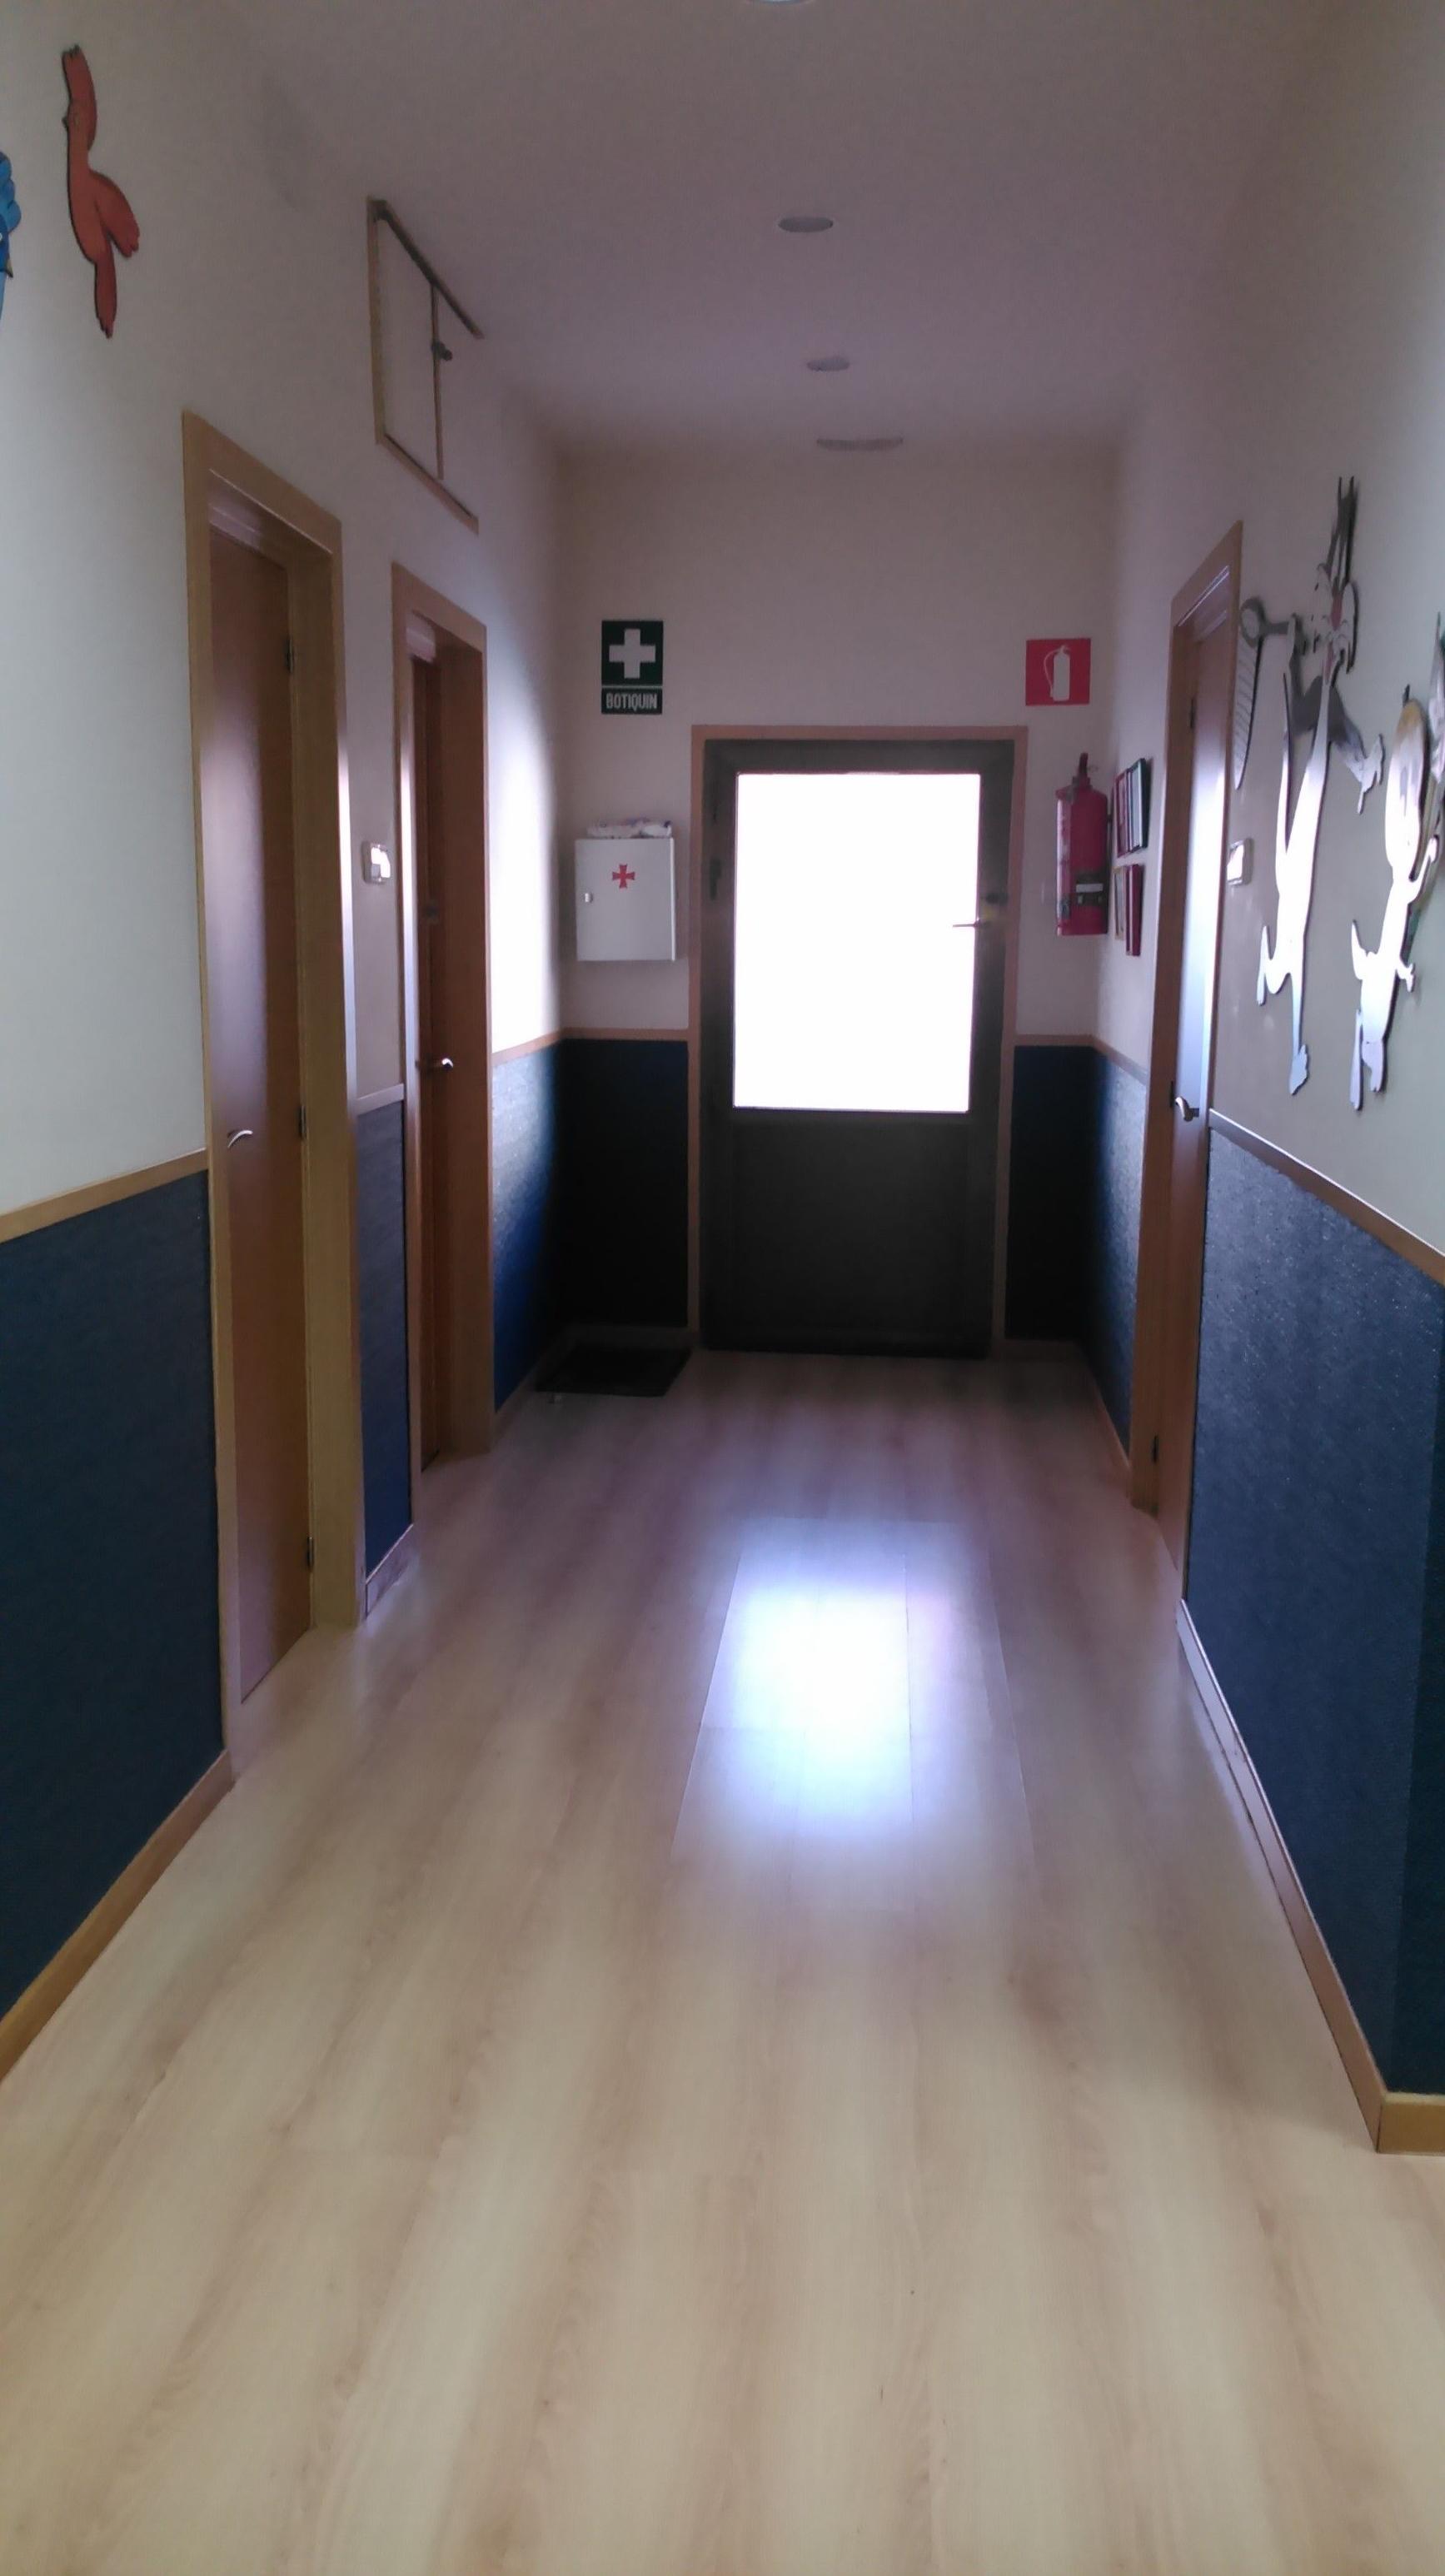 Foto 8 de Guarderías y Escuelas infantiles en Madrid | Guardería Blancanieves